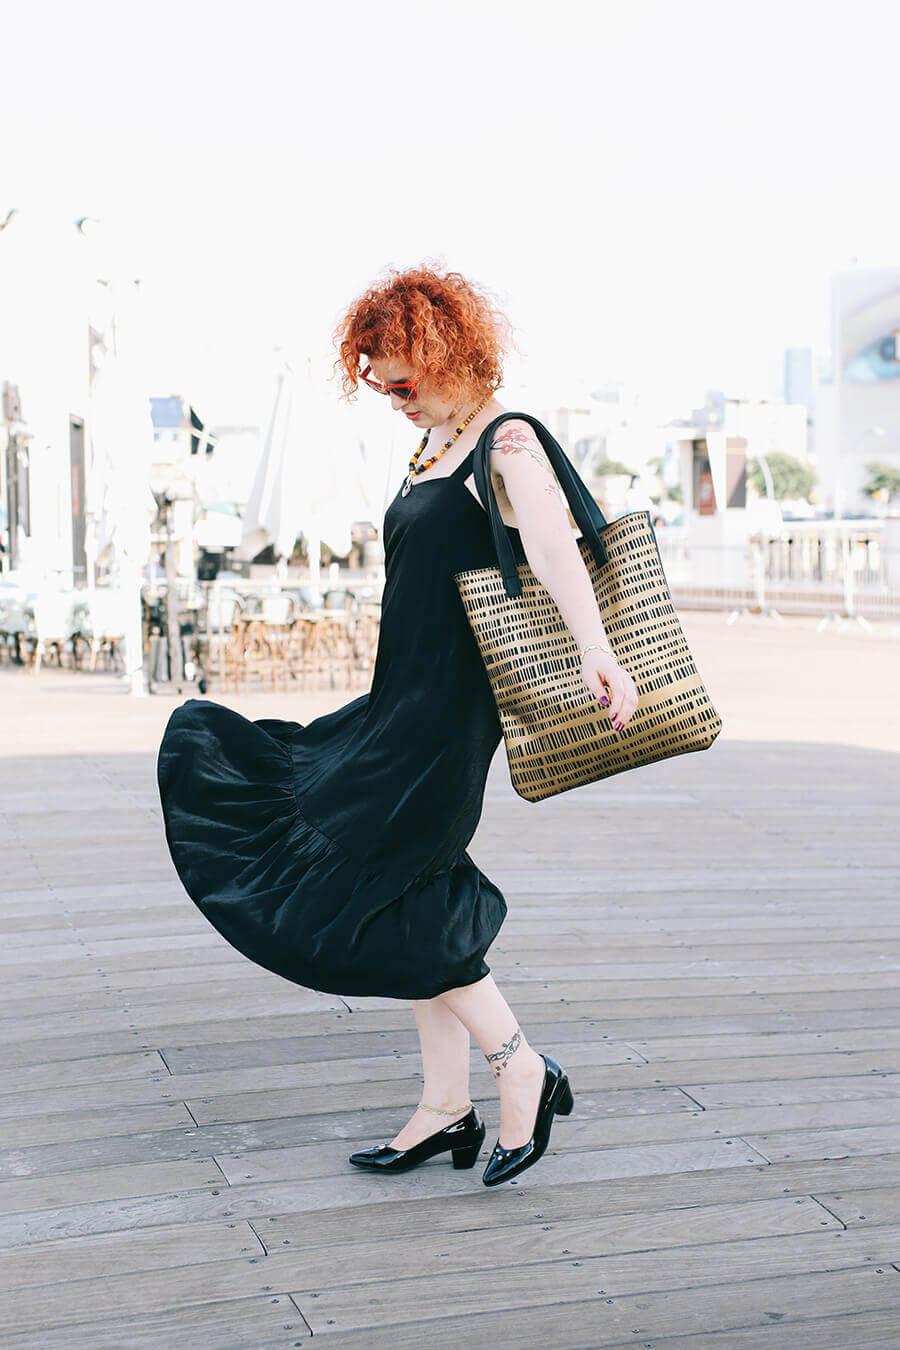 אופנה נגישה וטבעונית – כשחרוזי העץ של סרינה פגשו את התיקים הטבעוניים של UNALALA